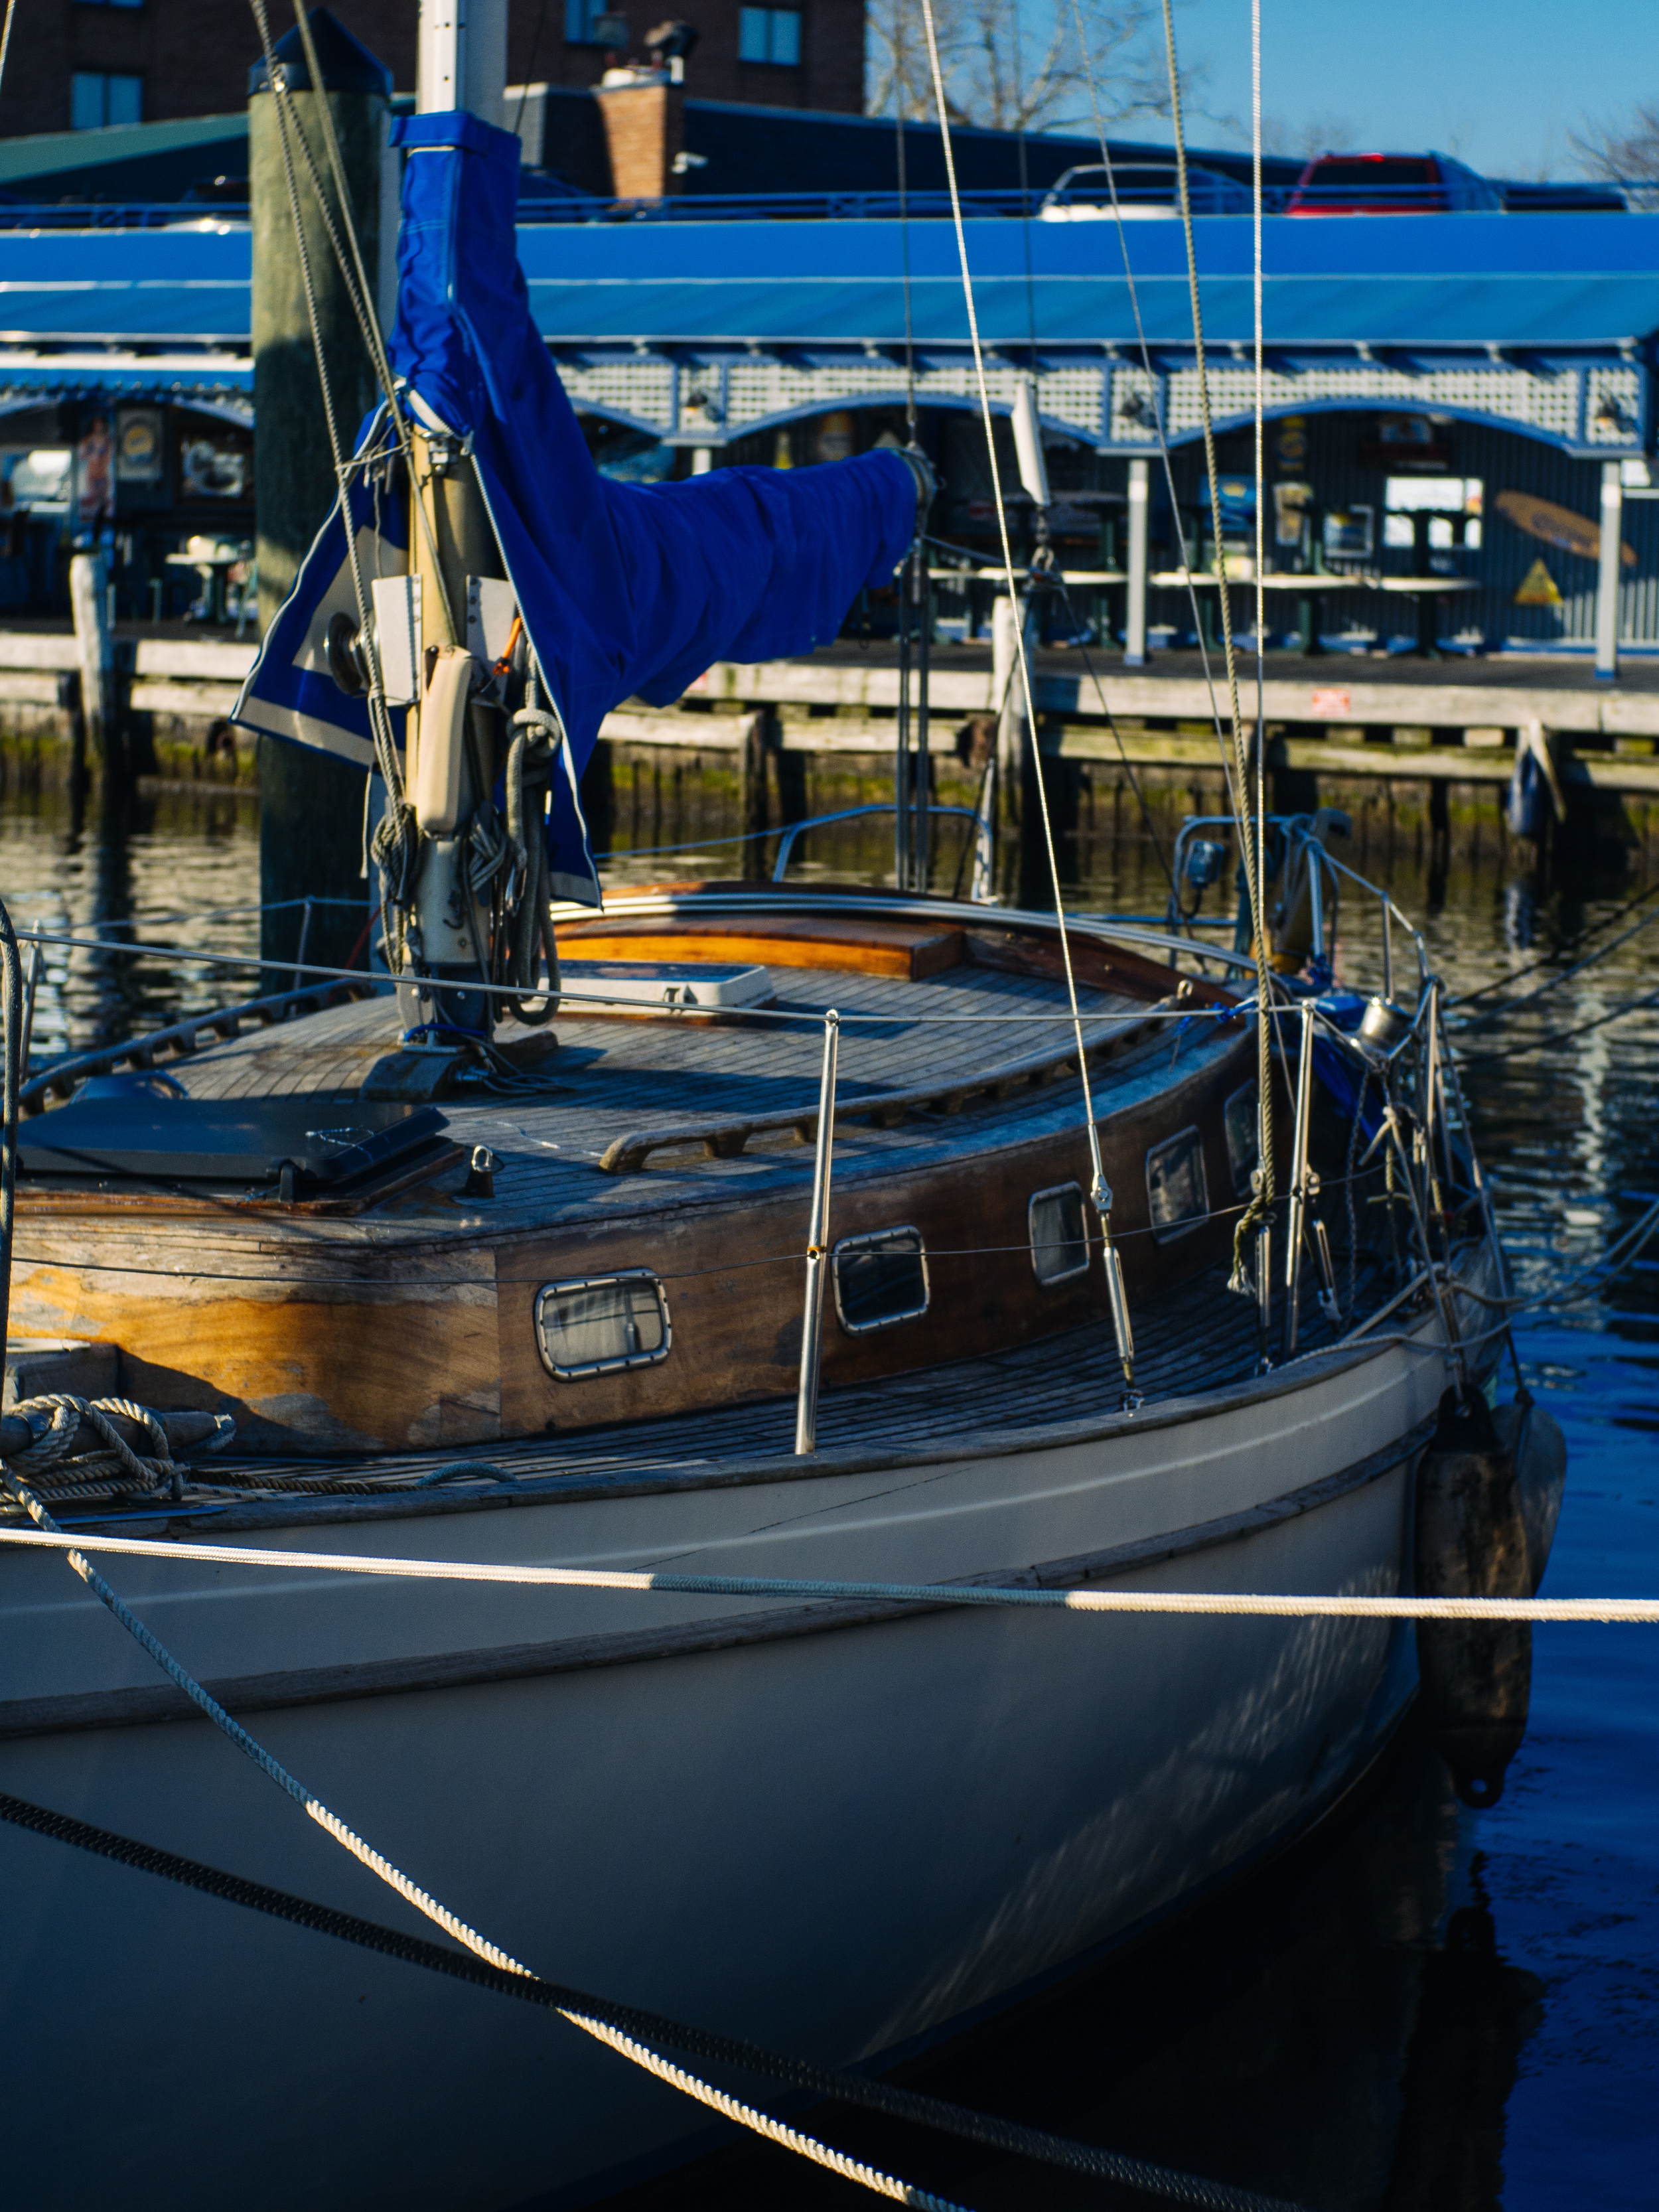 Docked - Olympus OM-D, Voigtlander Nokton 35mm - ISO 200, f/4.0, 1/2500sec